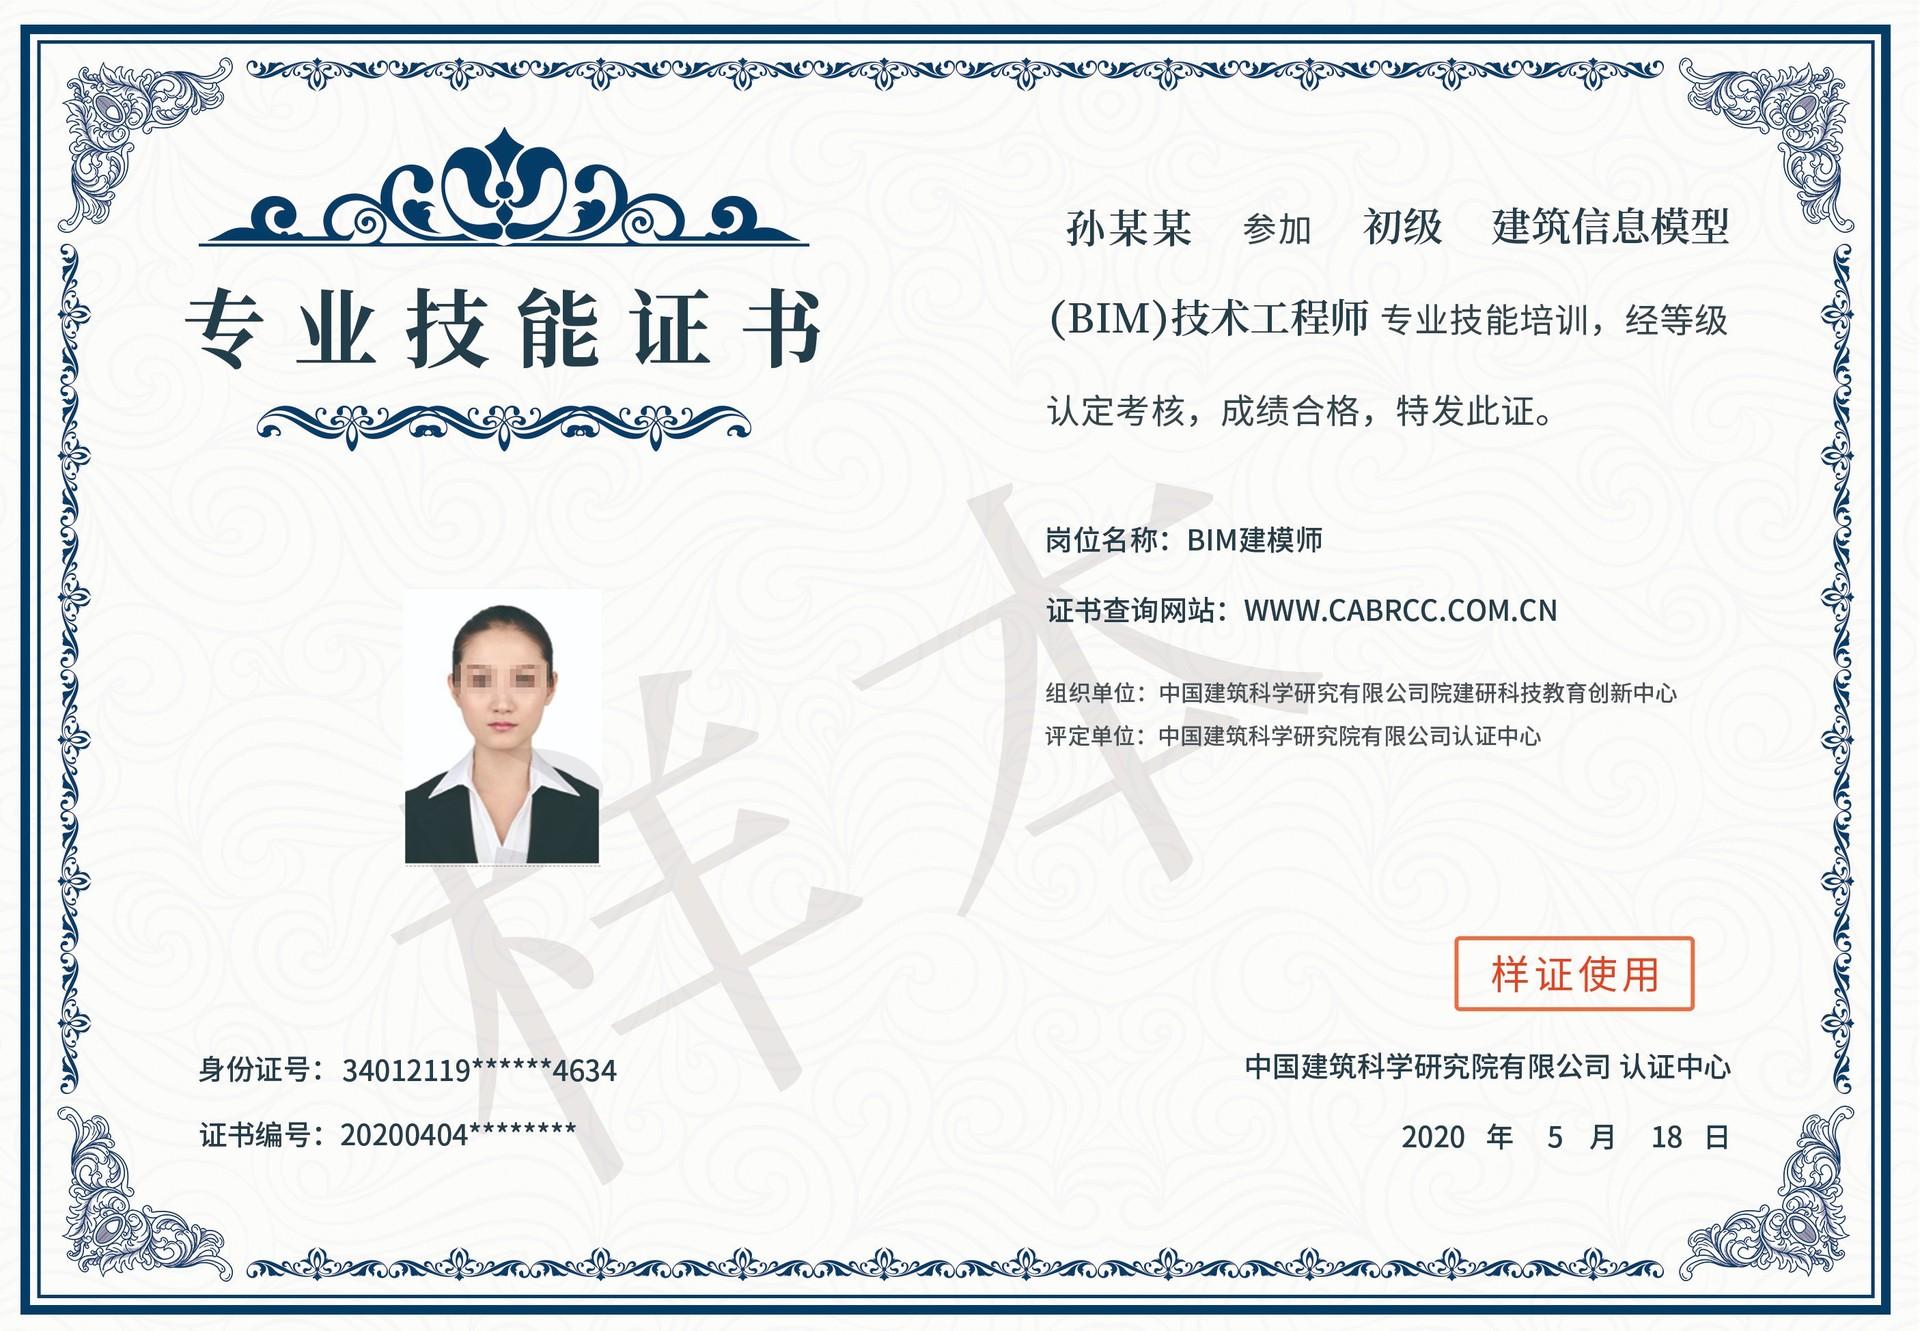 建筑信息模型(BIM)技术工程师专业技能证书-初级